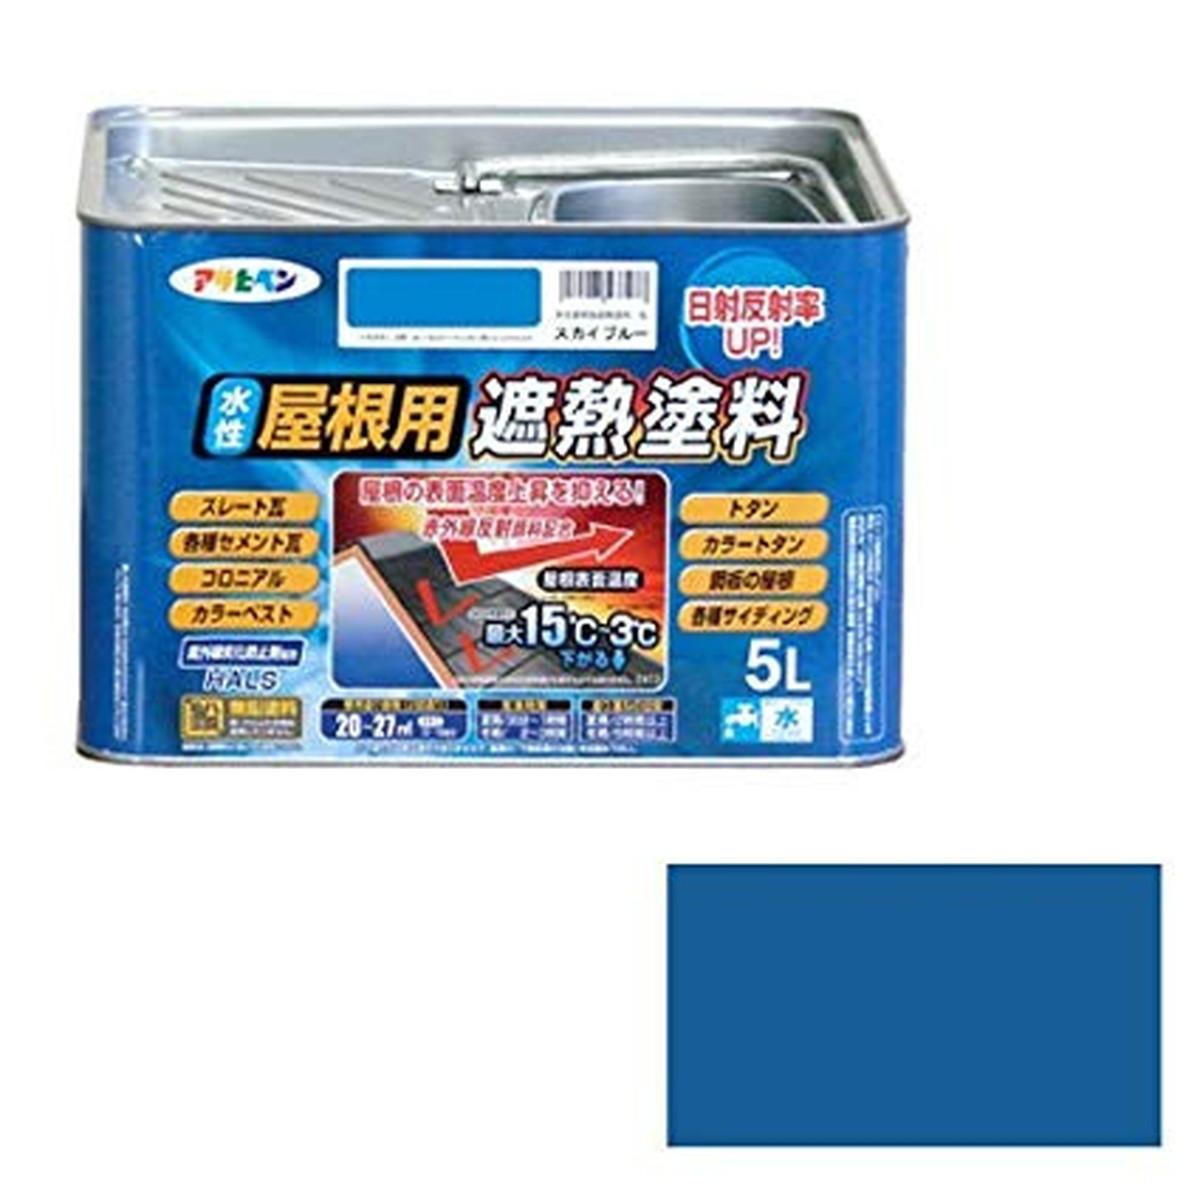 アサヒペン ペンキ 水性屋根用遮熱塗料 スカイブルー 5L【クーポン配布中】